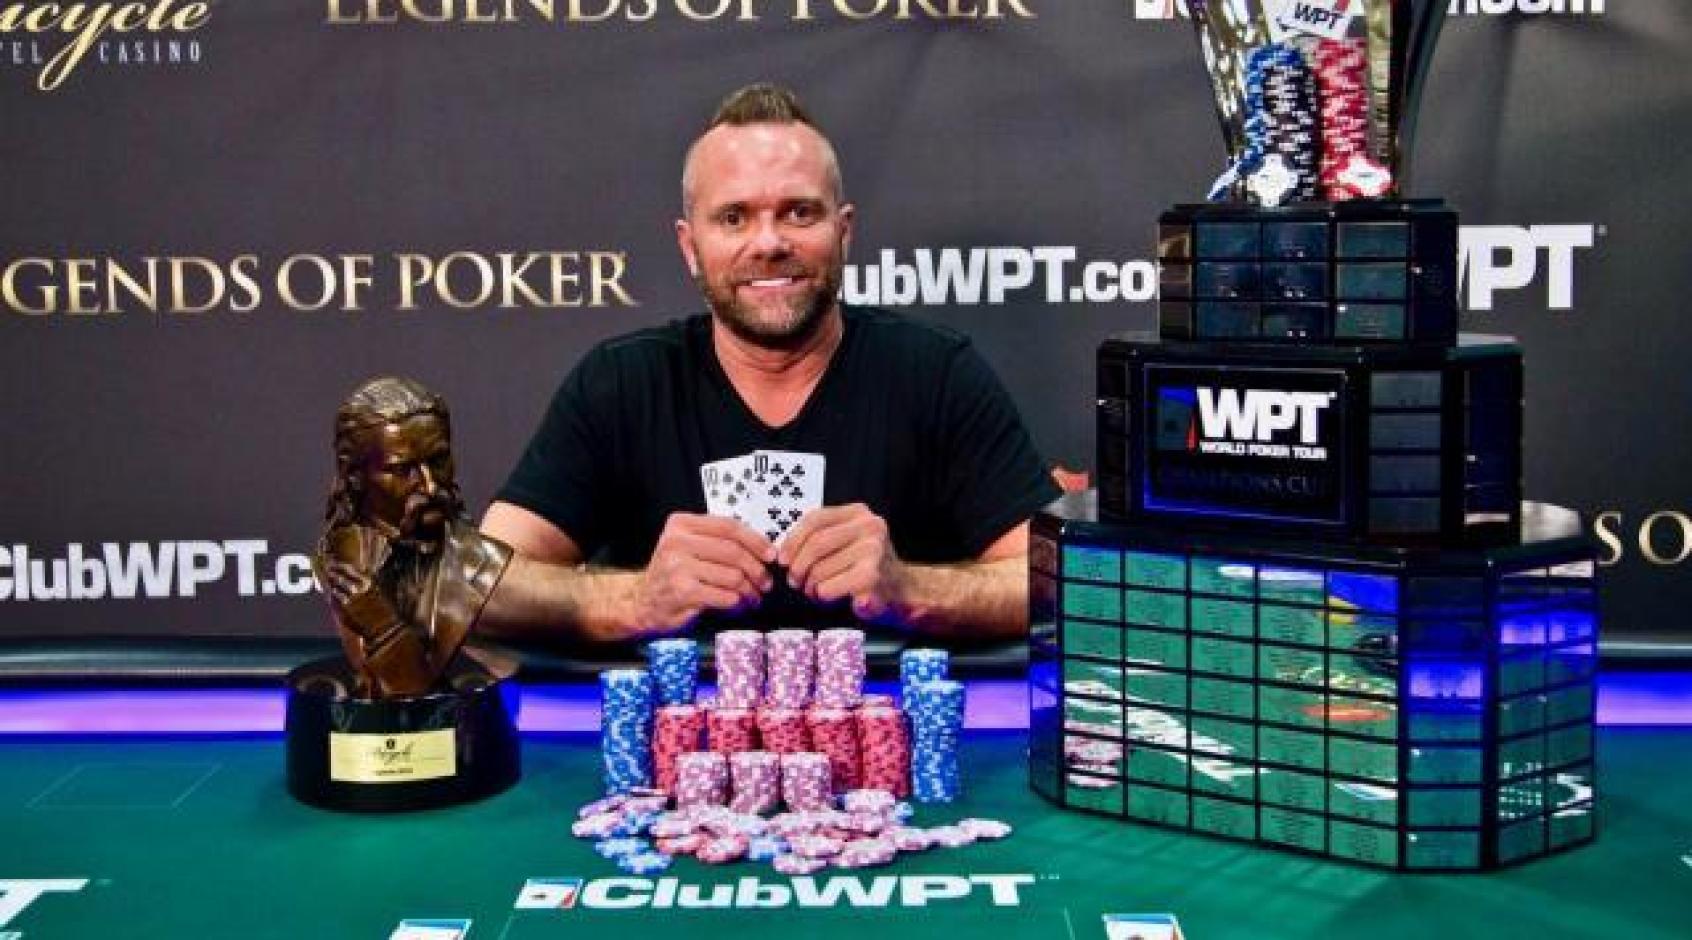 От 20 тысяч до 4 миллионов долларов. История покерного взлета производителя медканнабиса